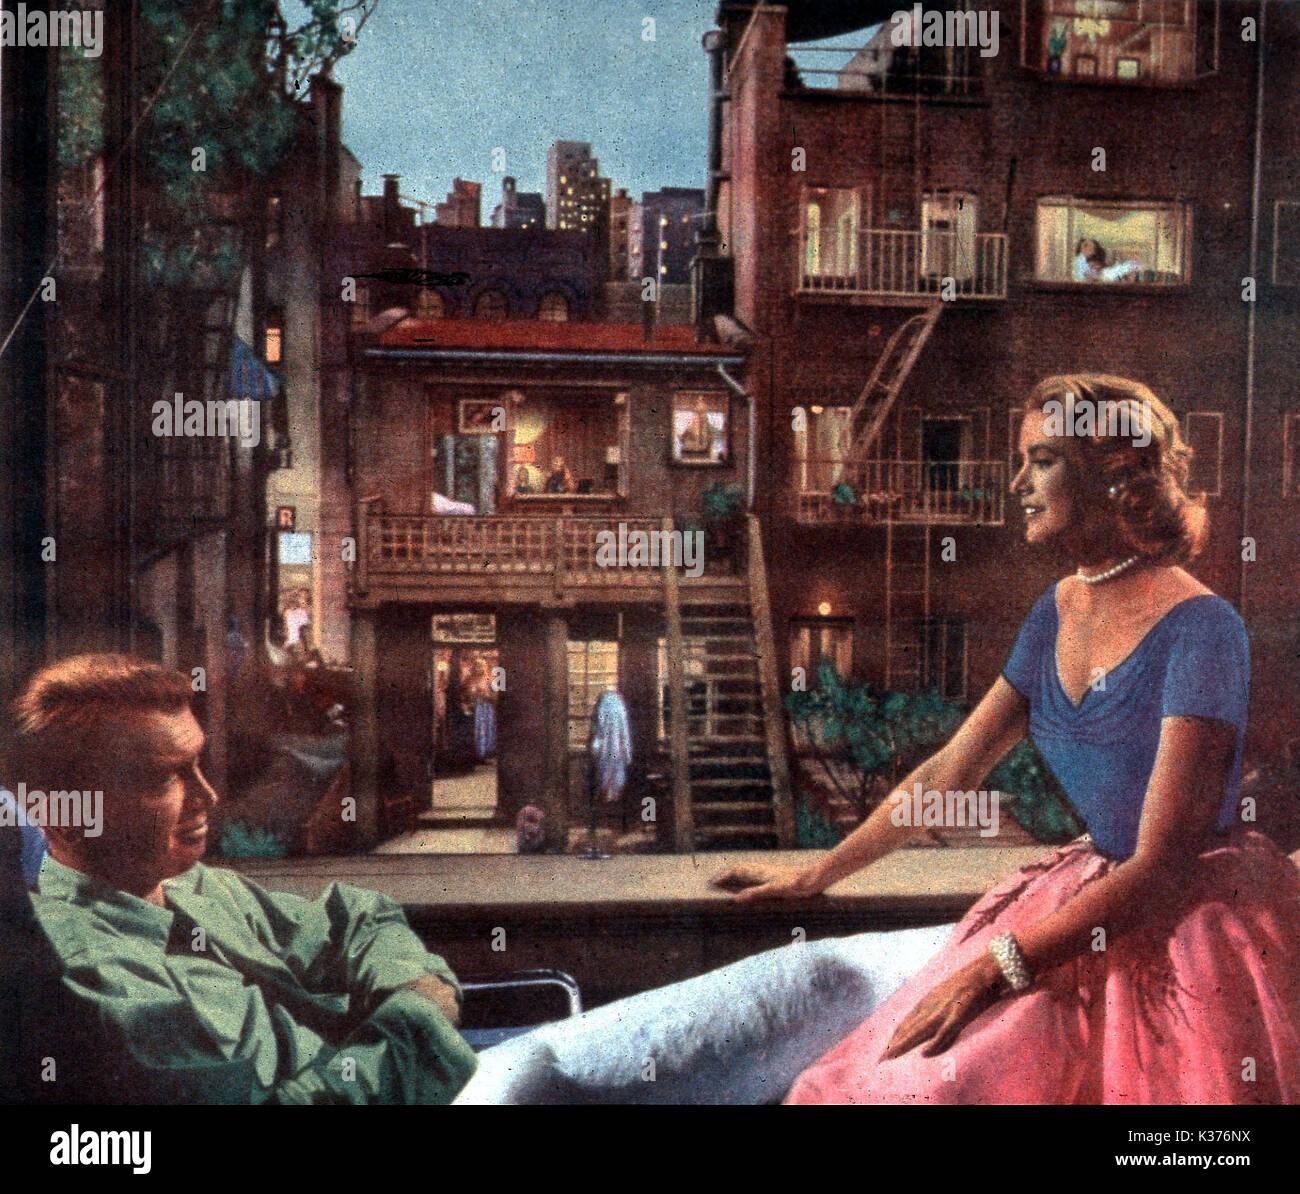 REAR WINDOW JAMES STEWART, GRACE KELLY     Date: 1954 - Stock Image